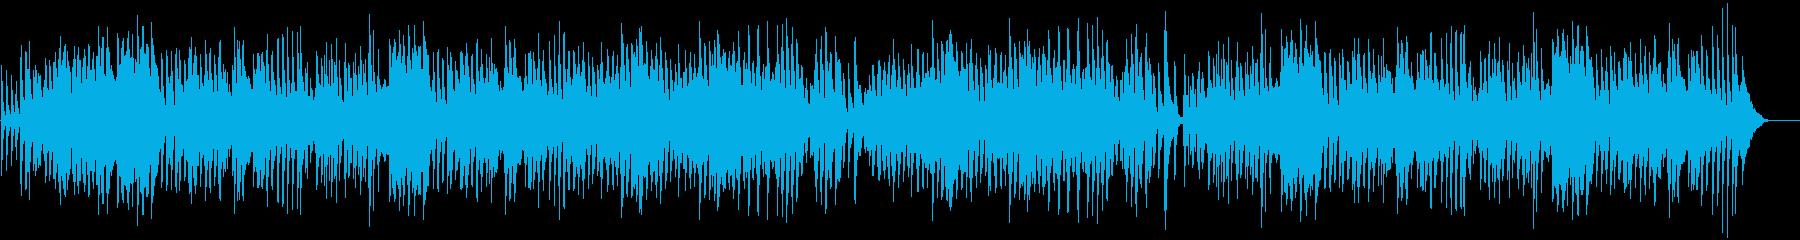 ピアノとドラムによる陽気なラグタイムの再生済みの波形